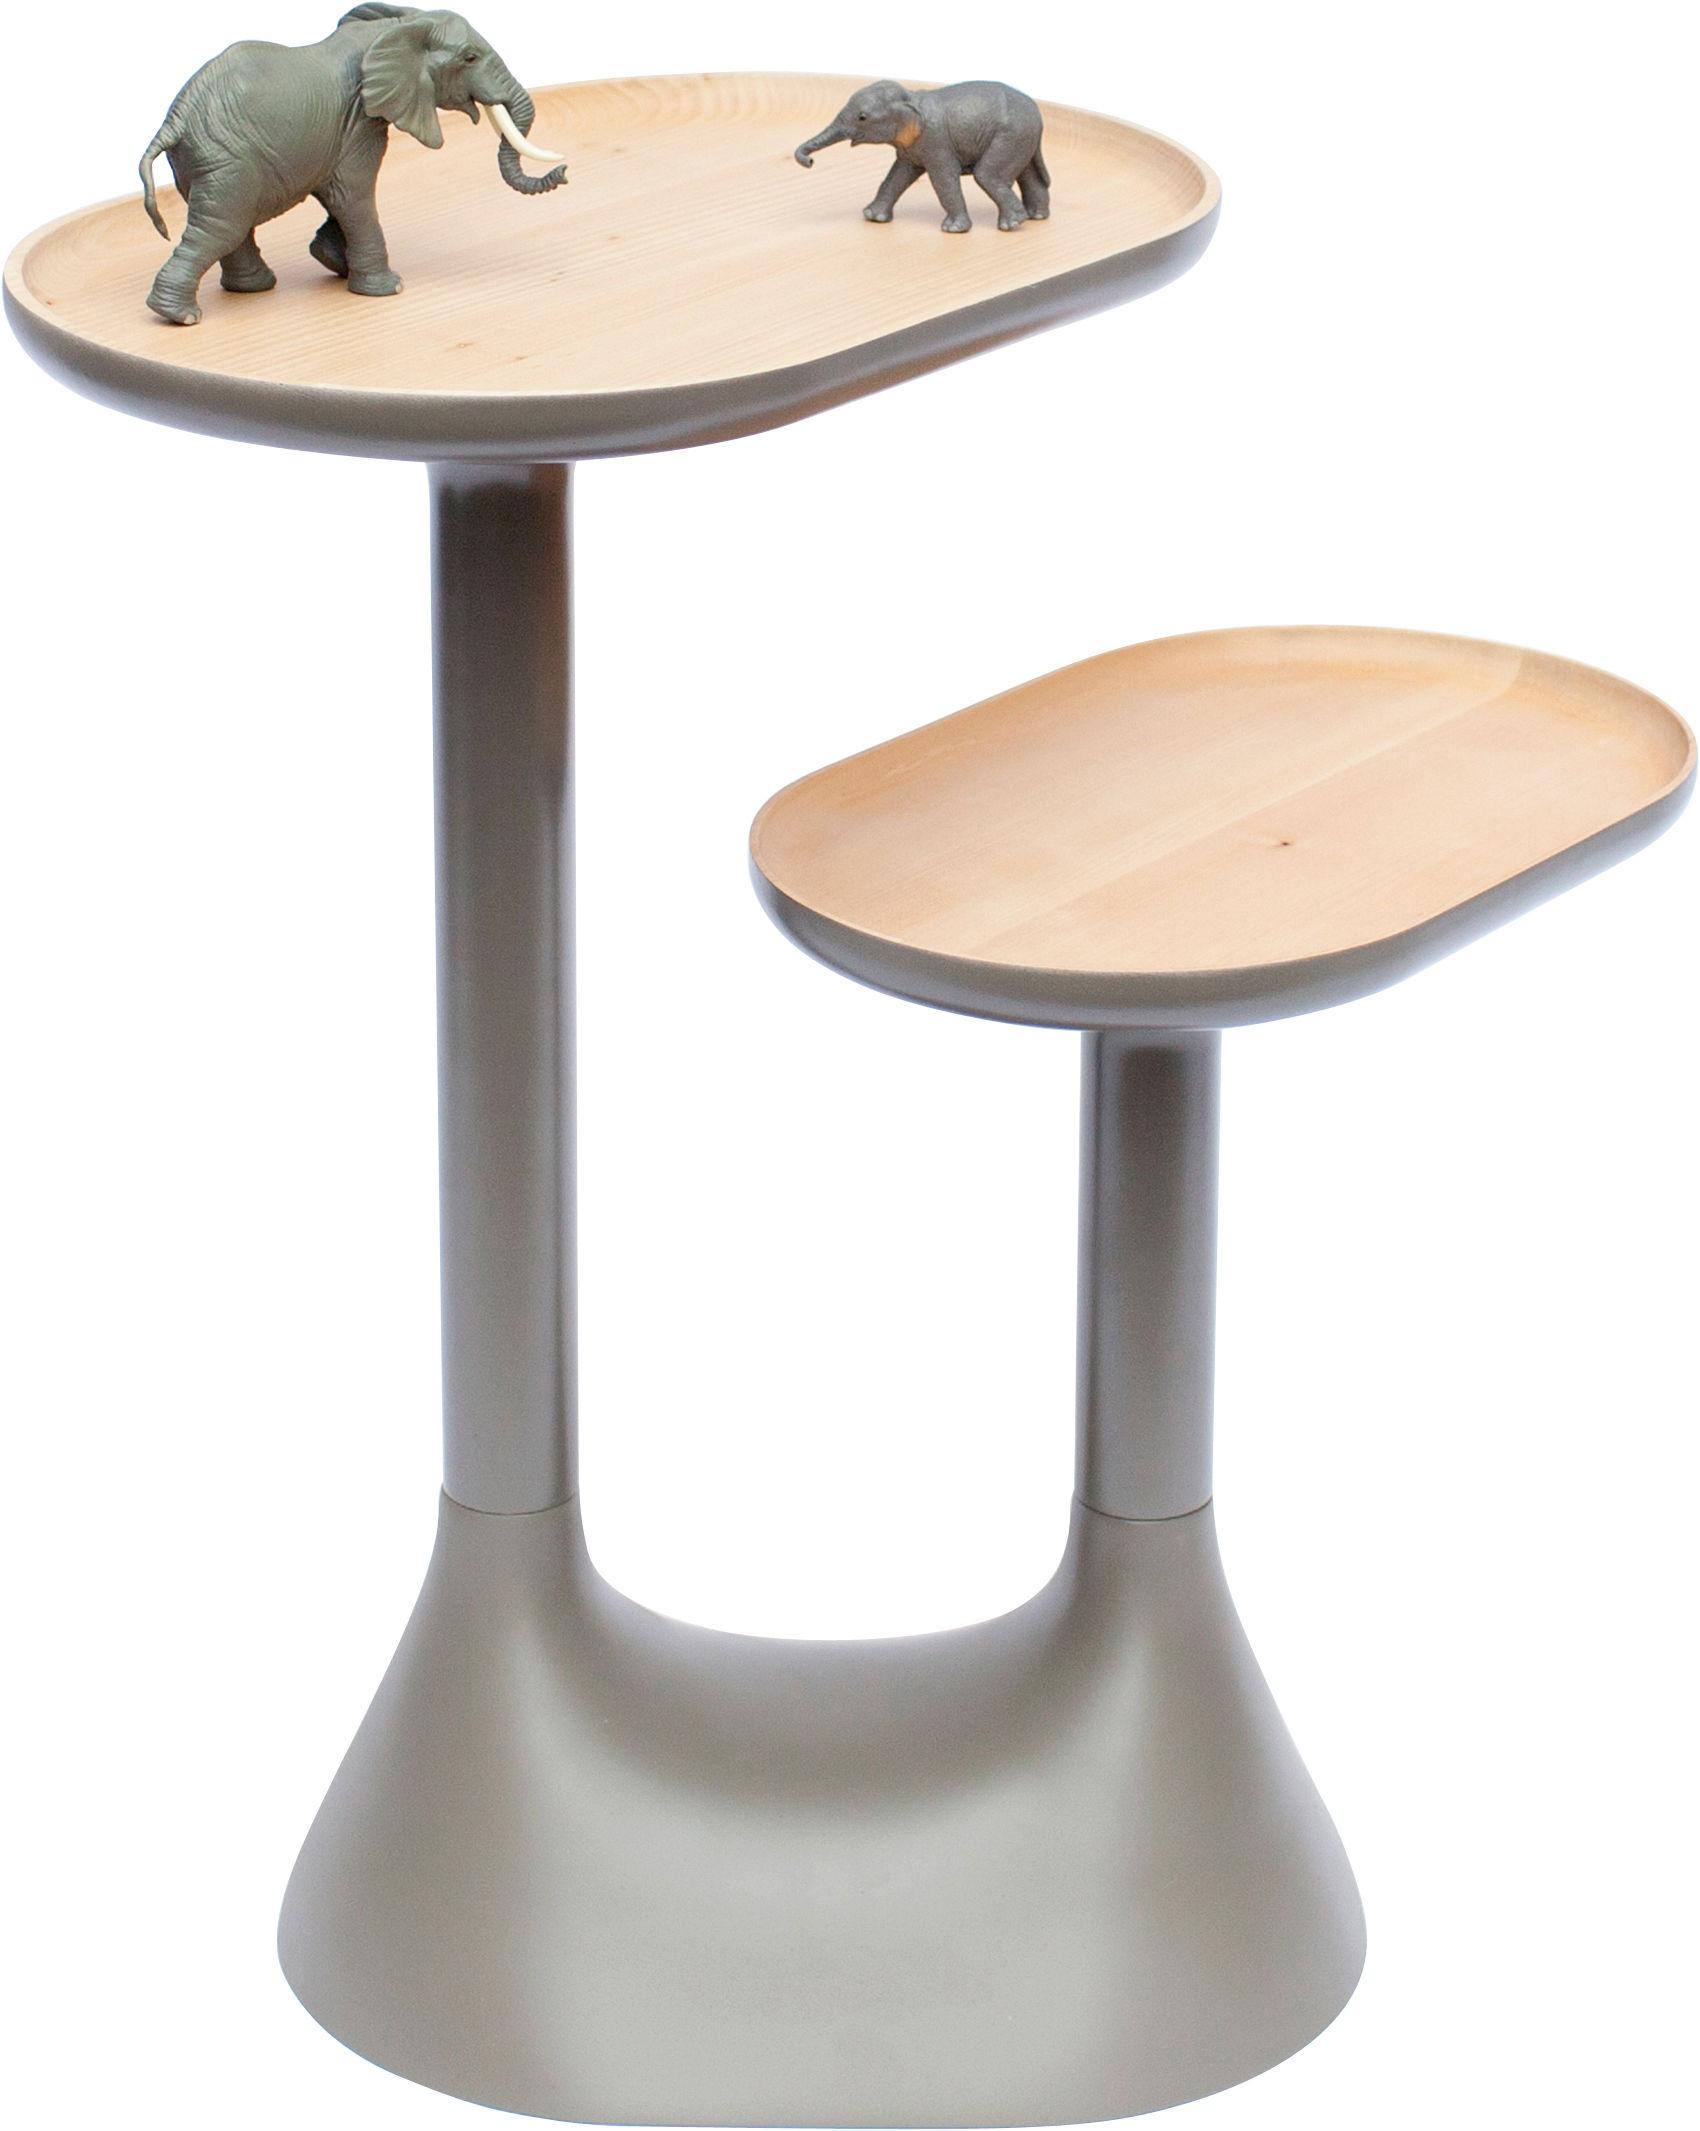 Table basse baobab 2 plateaux pivotants gris moustache - Table basse 3 plateaux pivotants ...